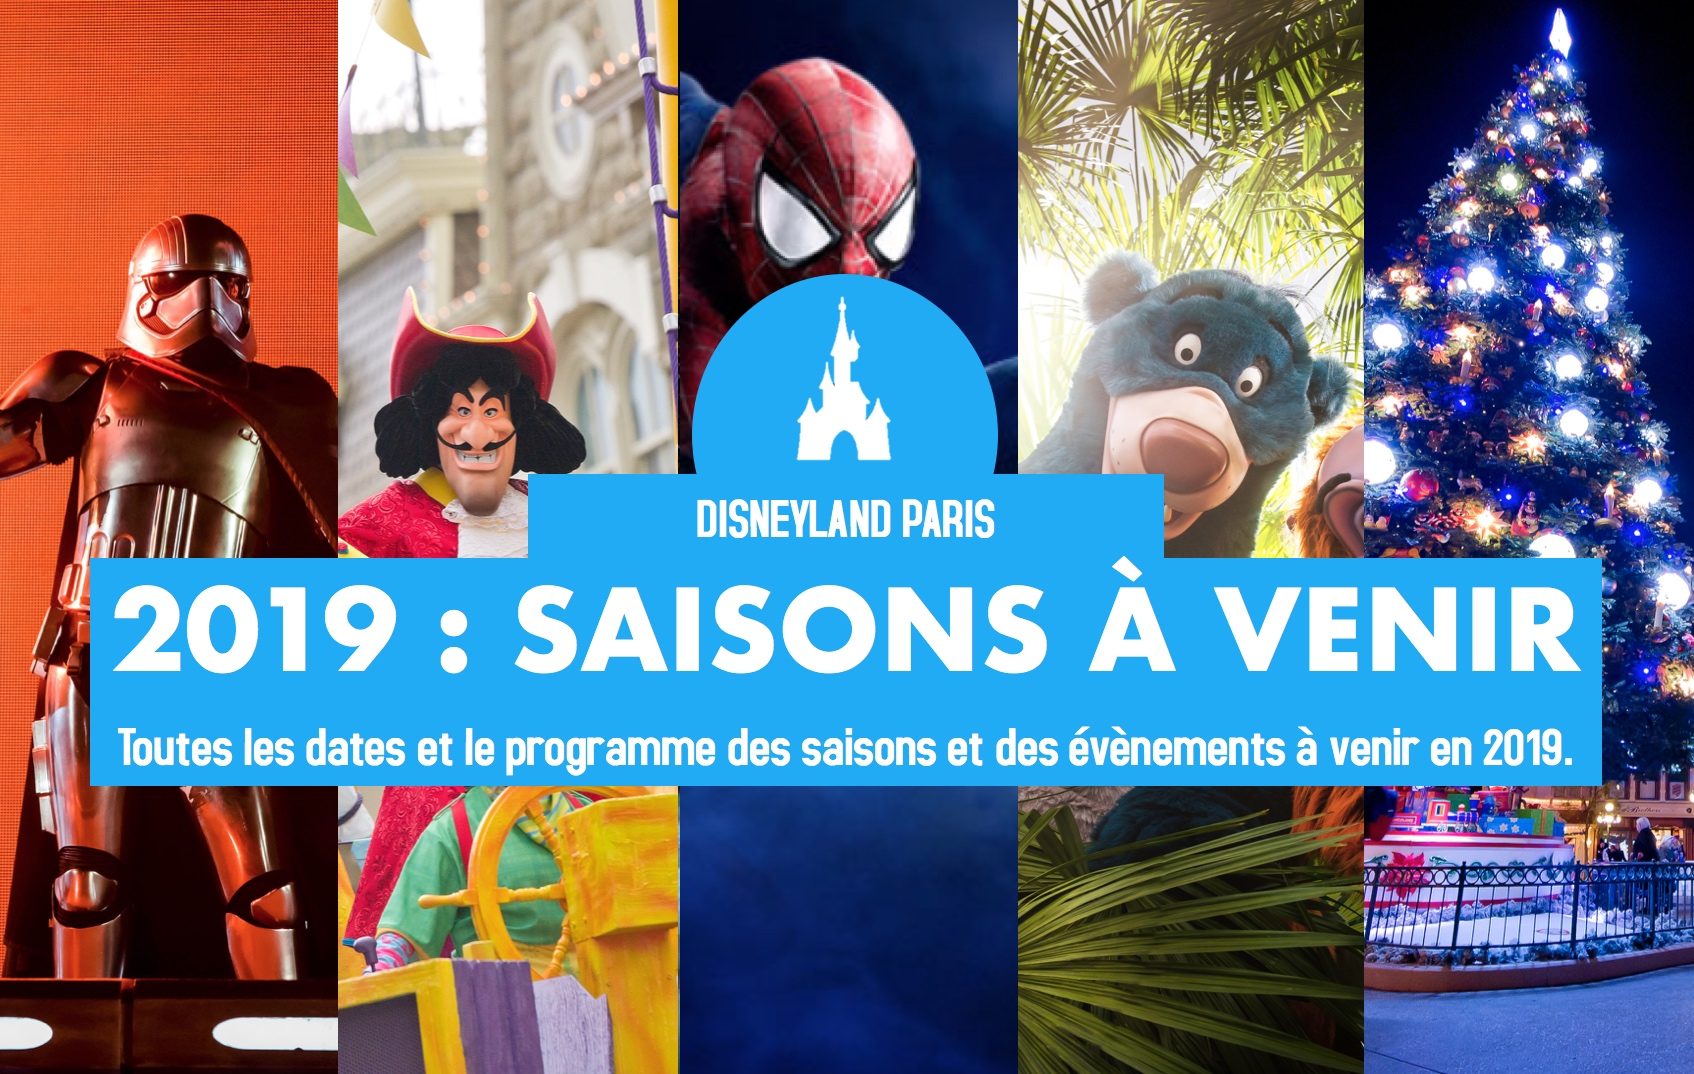 Saison Halloween Disneyland Paris 2019.Toutes Les Saisons A Venir A Disneyland Paris En 2019